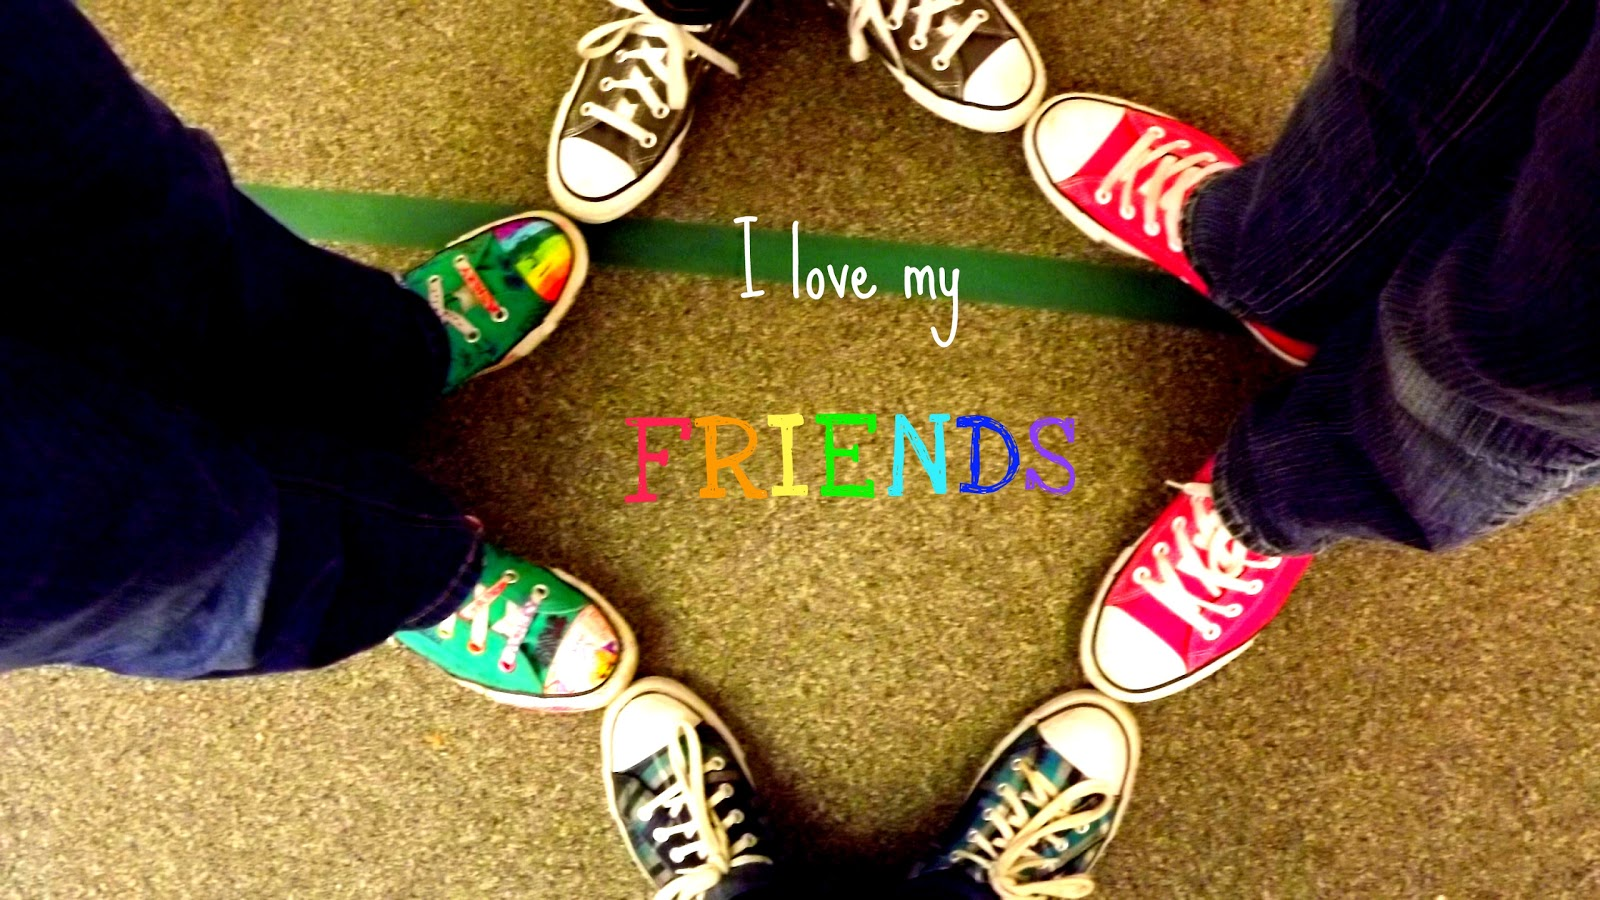 http://3.bp.blogspot.com/-g2lCvriTxQo/TtQBWpmzv3I/AAAAAAAABeA/JrUAQPnKZ-s/s1600/i+love+my+friends.jpg